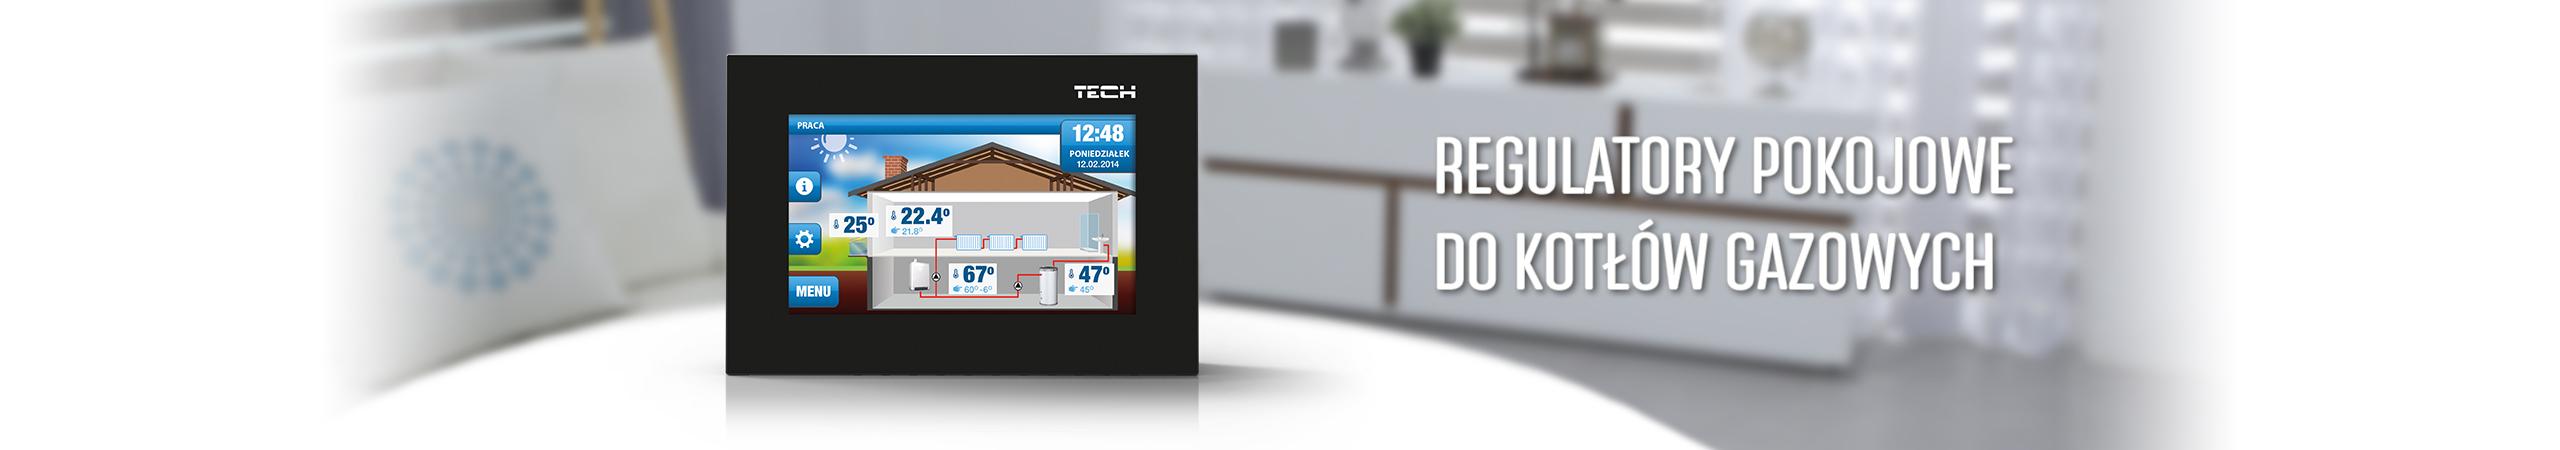 Sterownik do pieca gazowego - termostat pokojowy, regulator programowalny - TECH Sterowniki